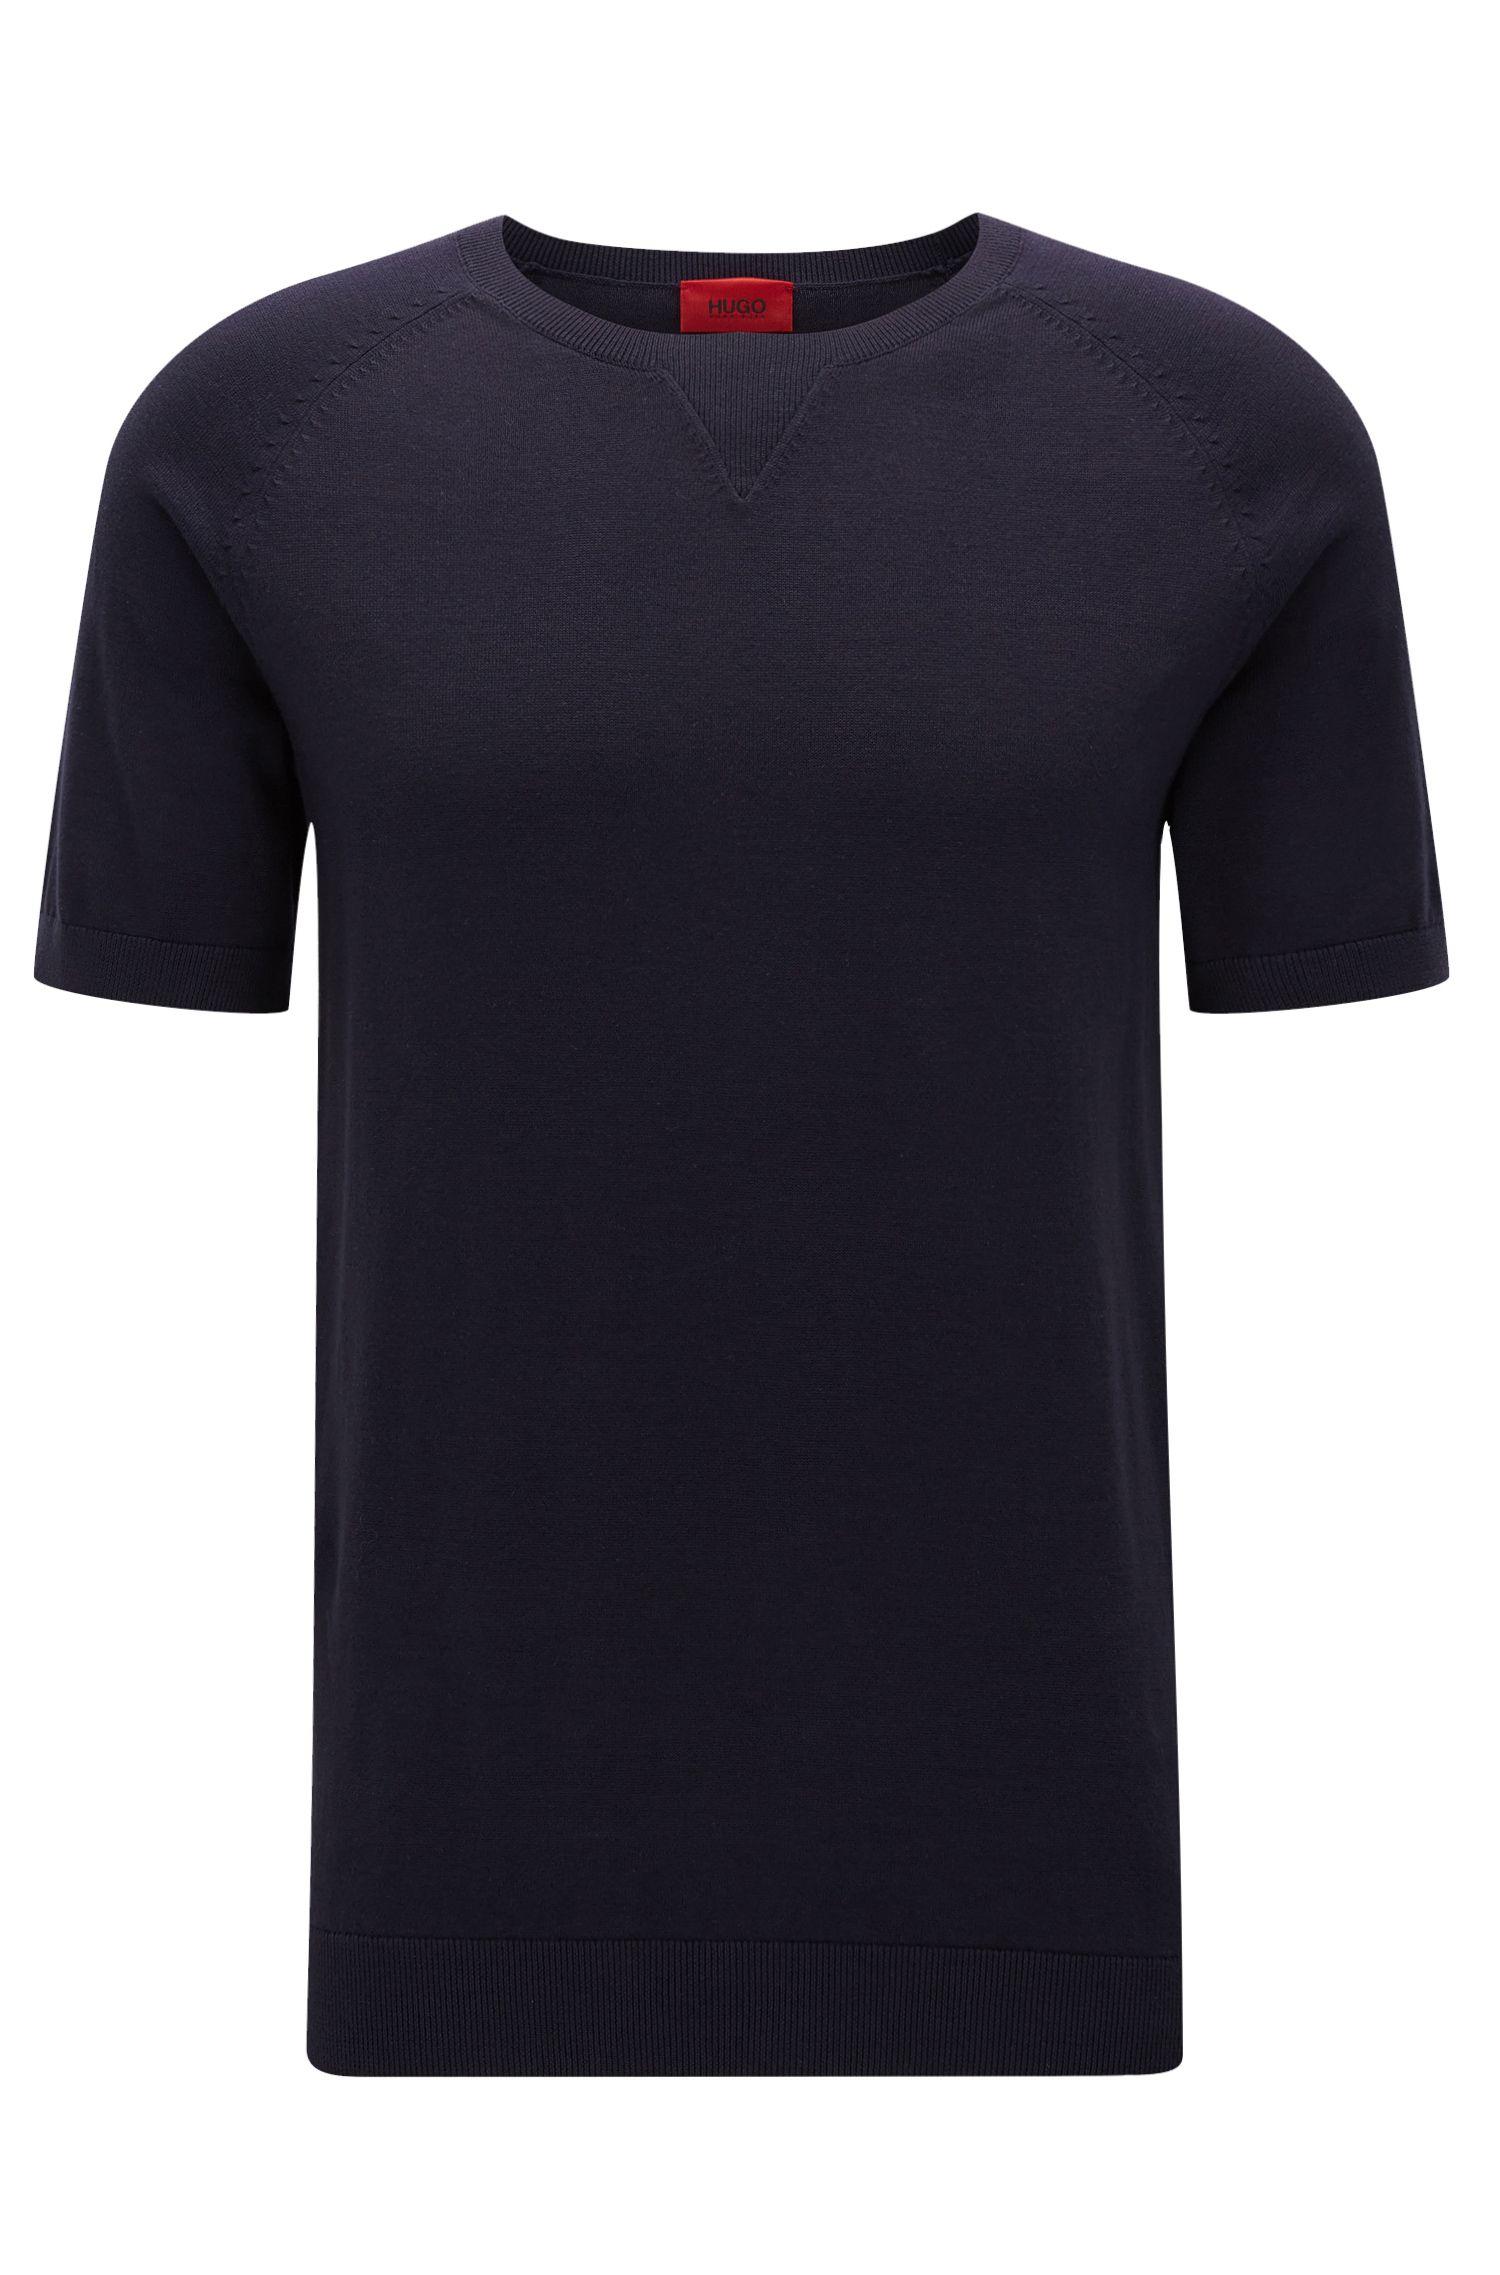 T-shirt en coton Oversize Fit, avec détail à l'encolure